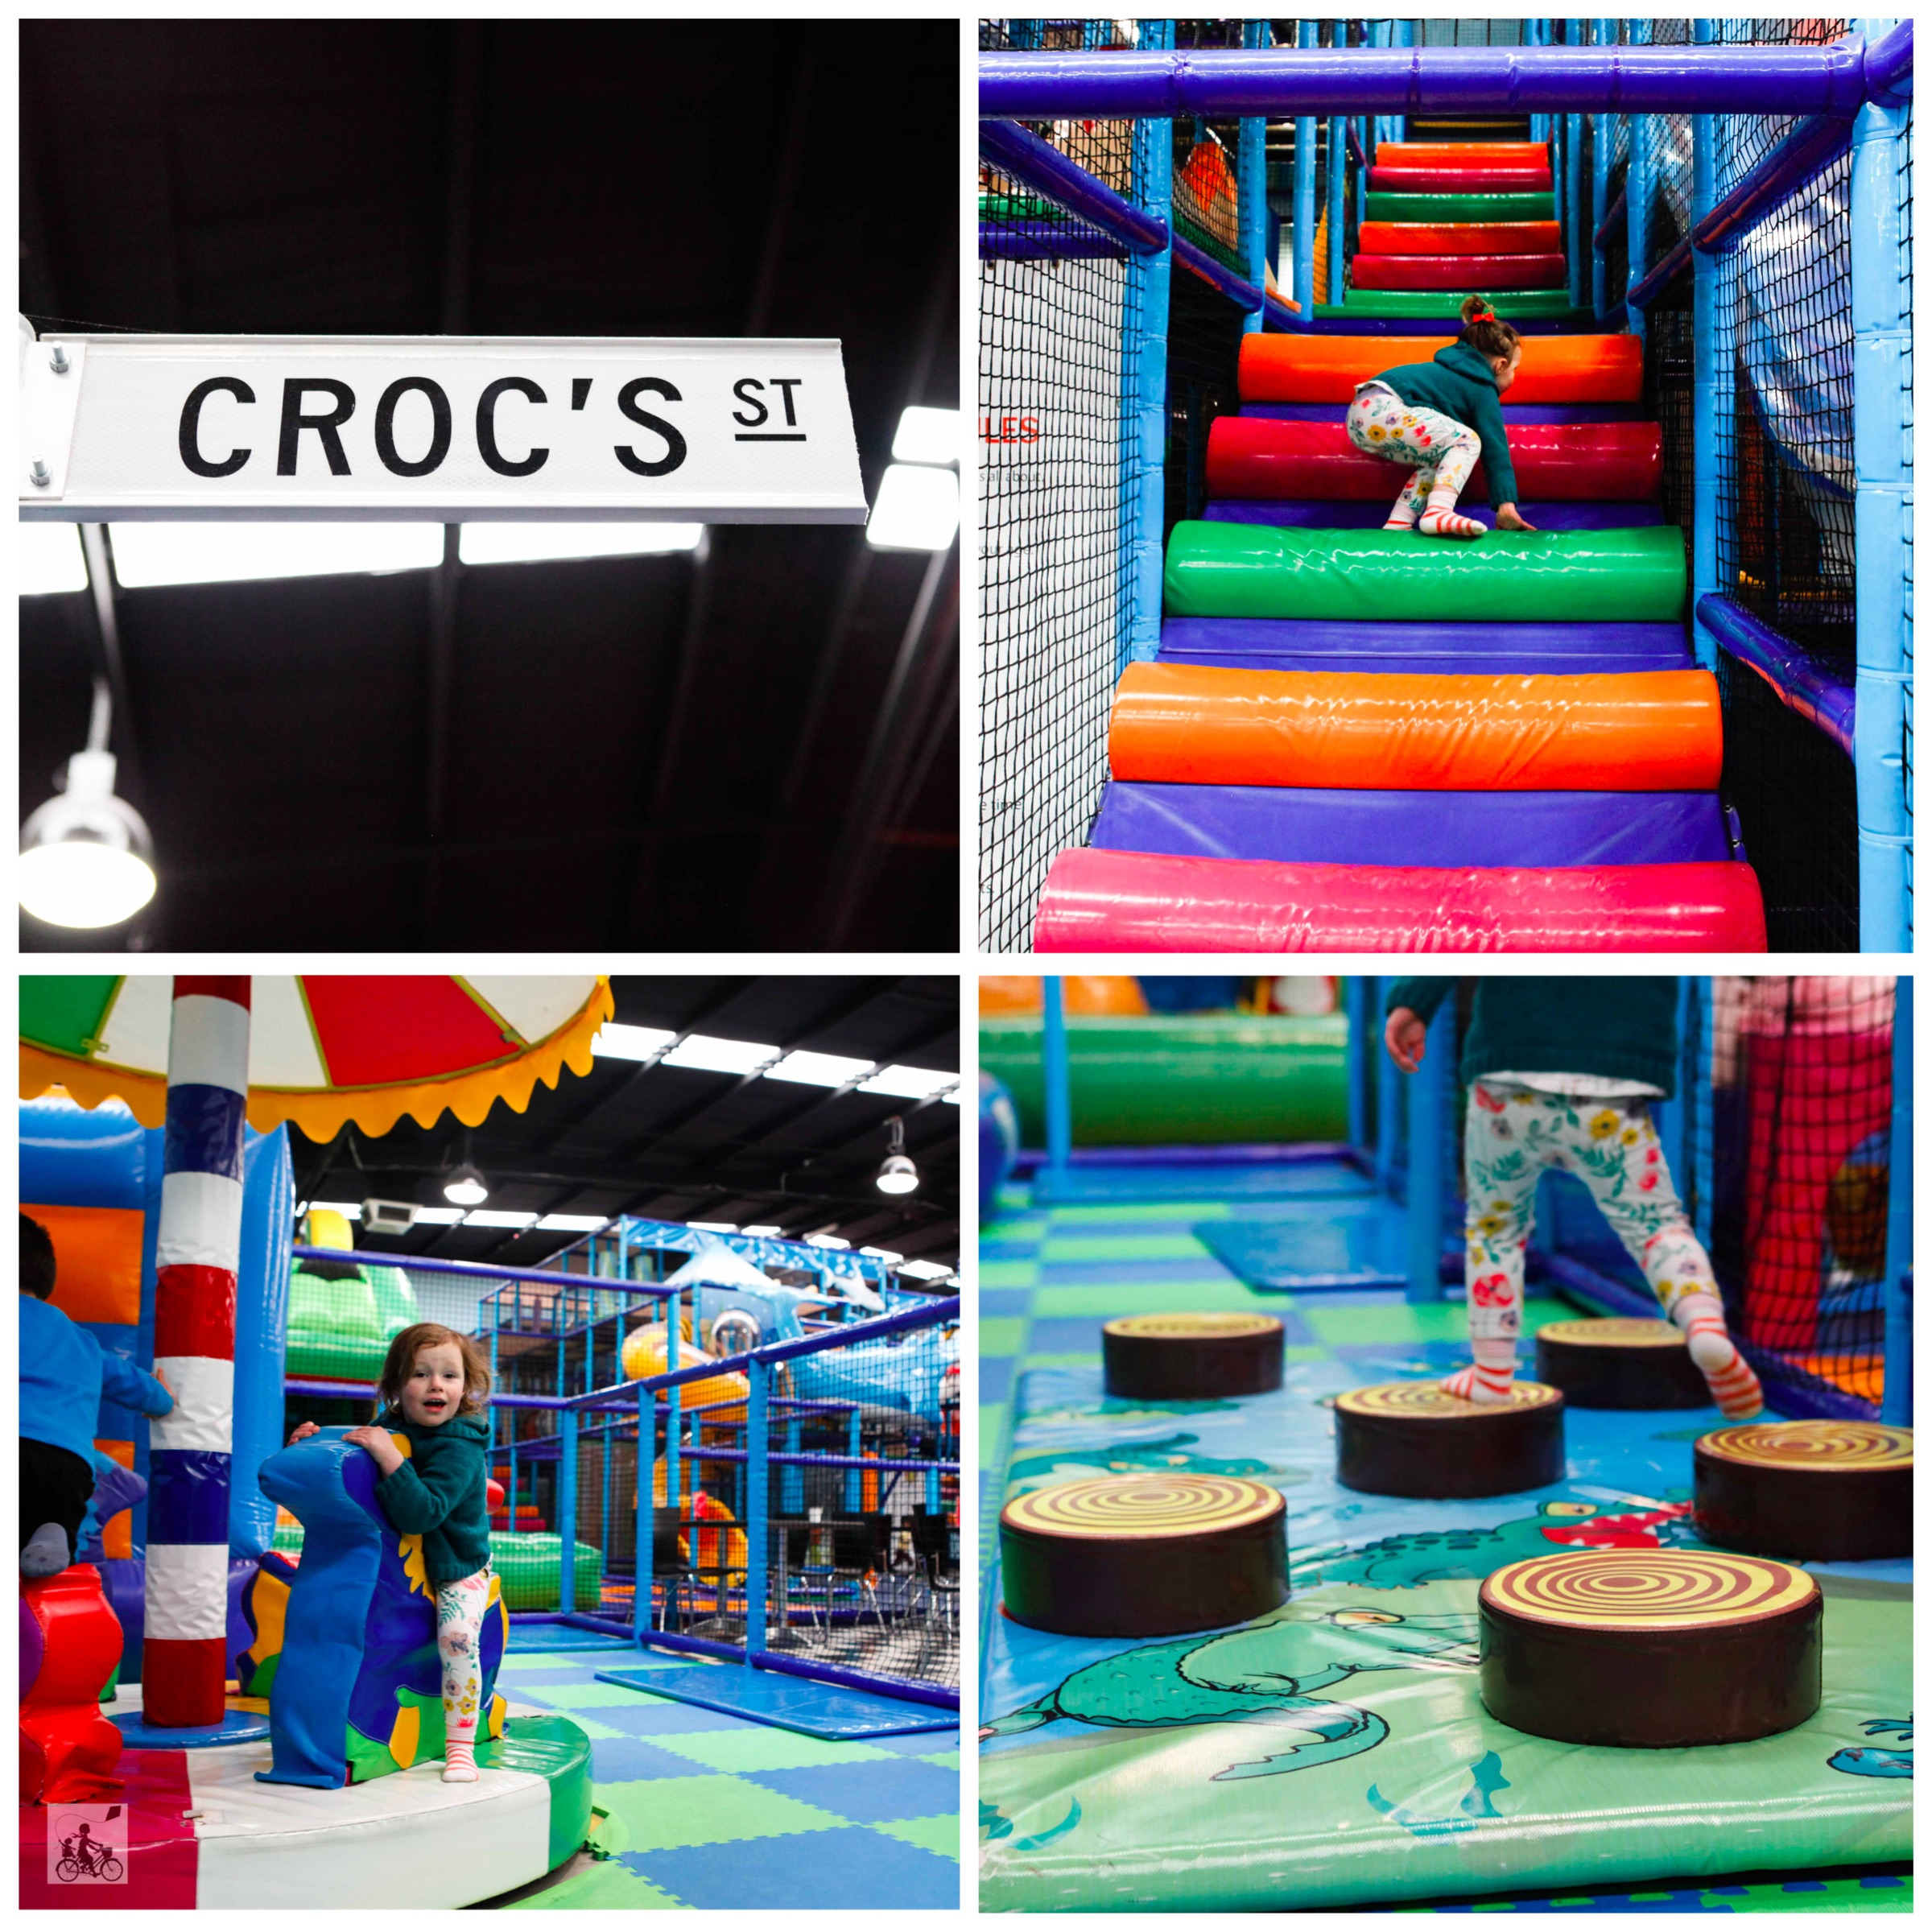 Mamma Knows South - Crocs Indoor Playcentre Clayton